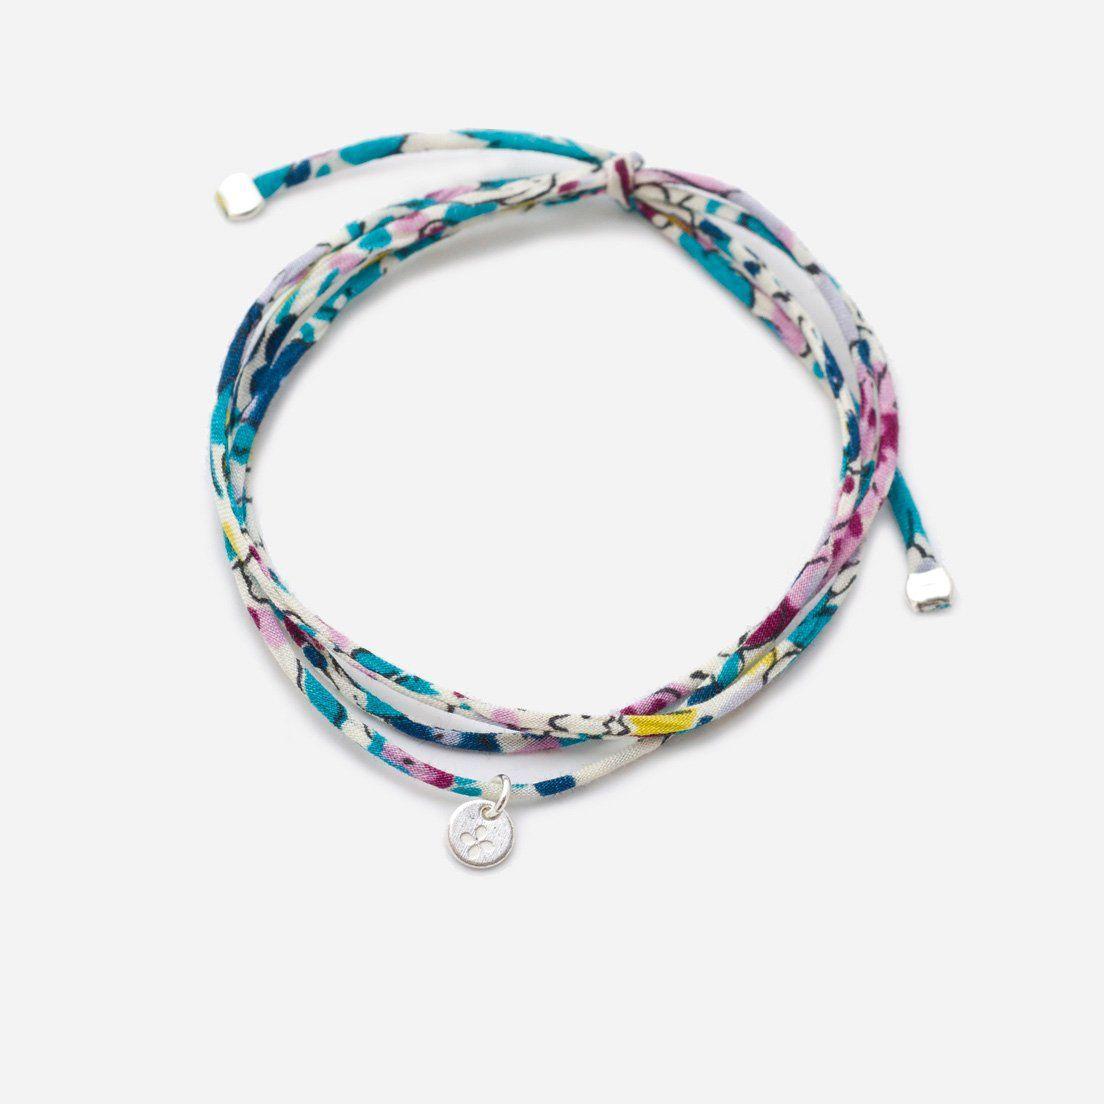 plus récent a6a65 ac971 Bracelet lien en Liberty finement cousu, finitions et petite ...